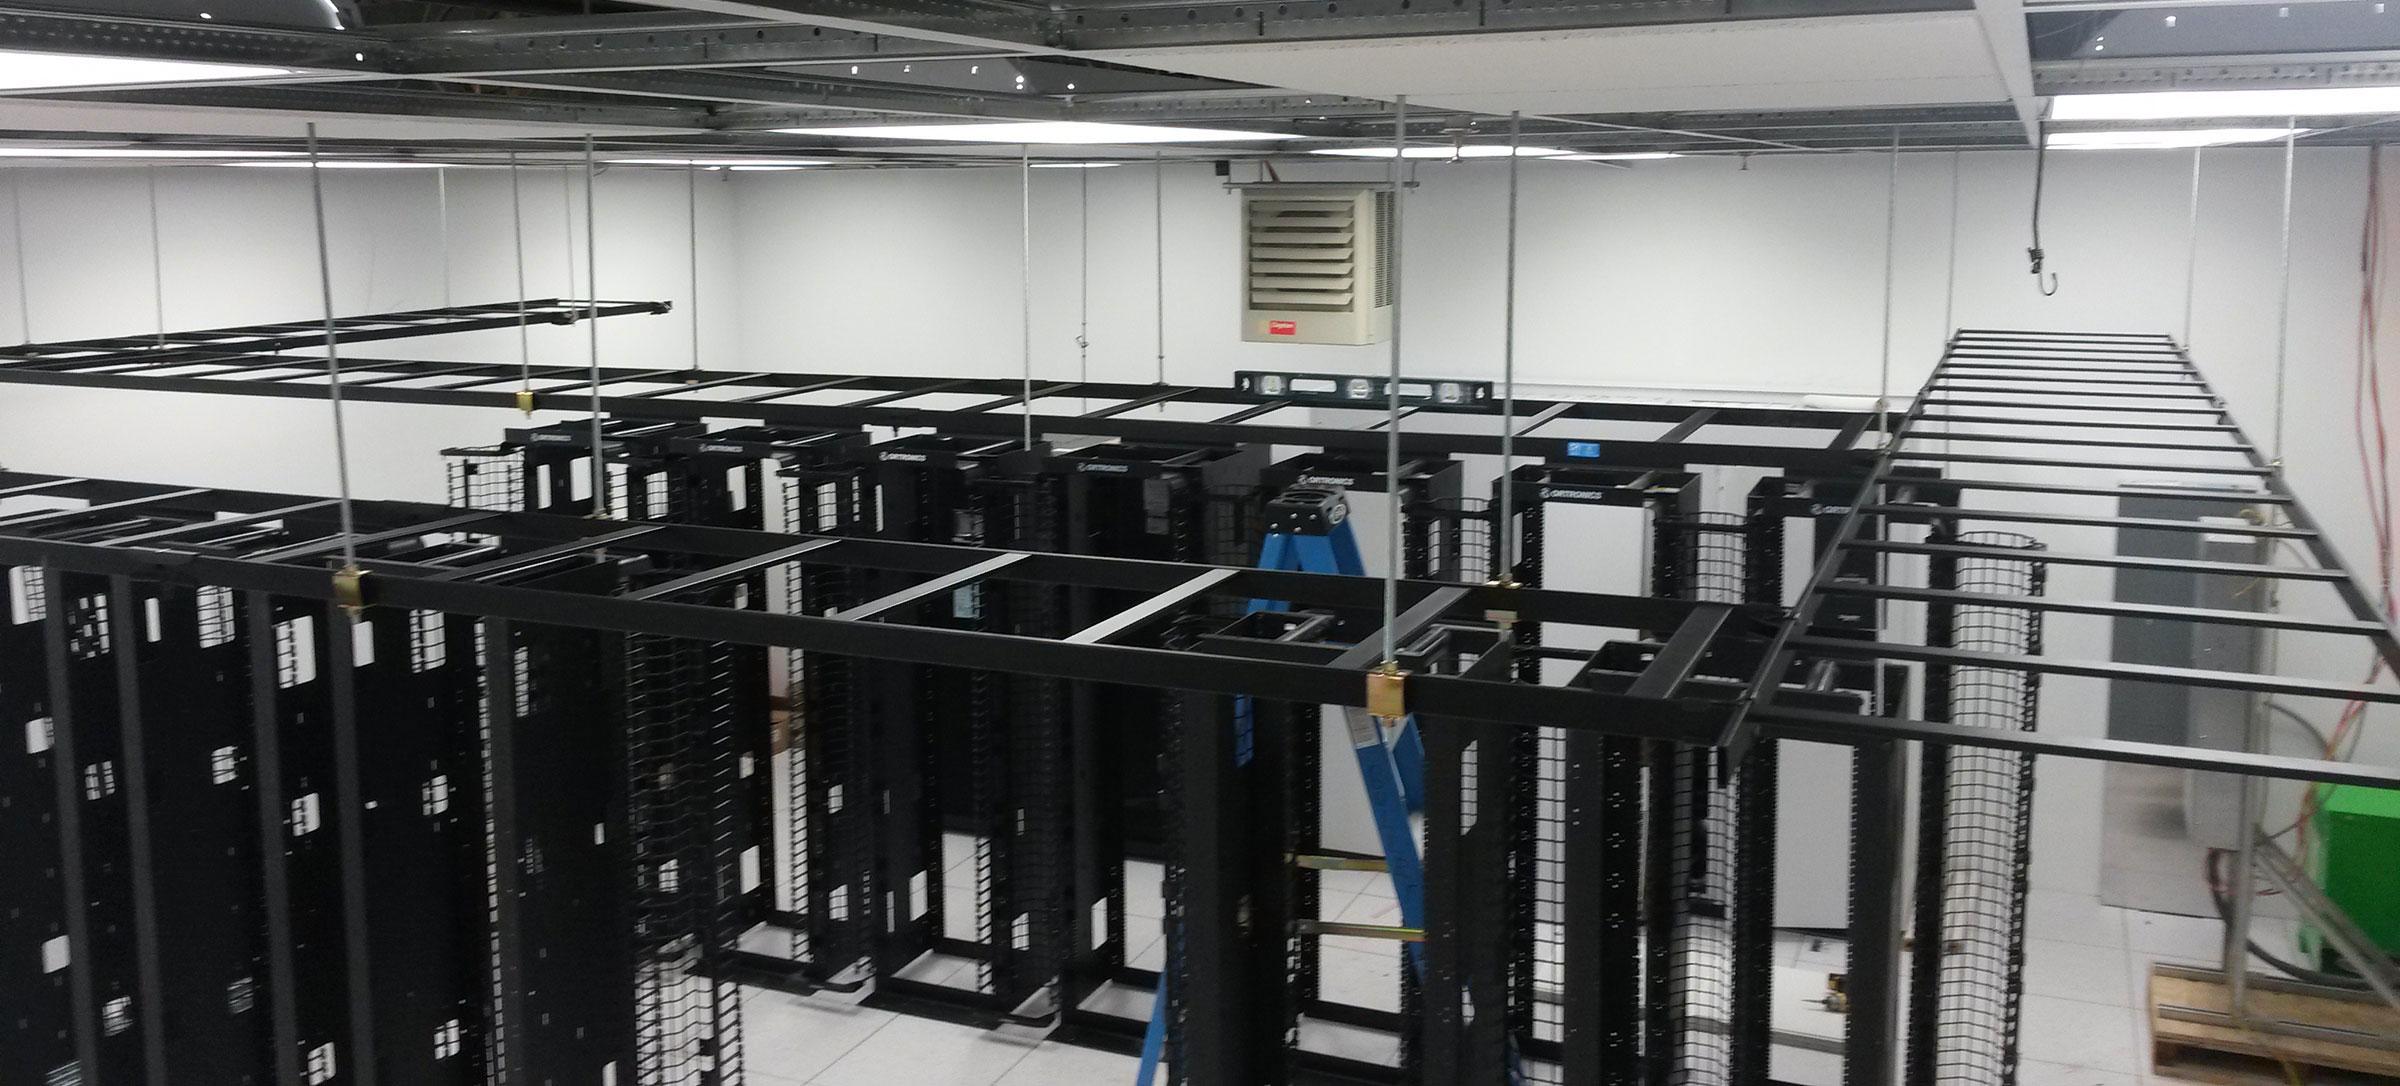 ESI Gemini Data Center Ladder Rack